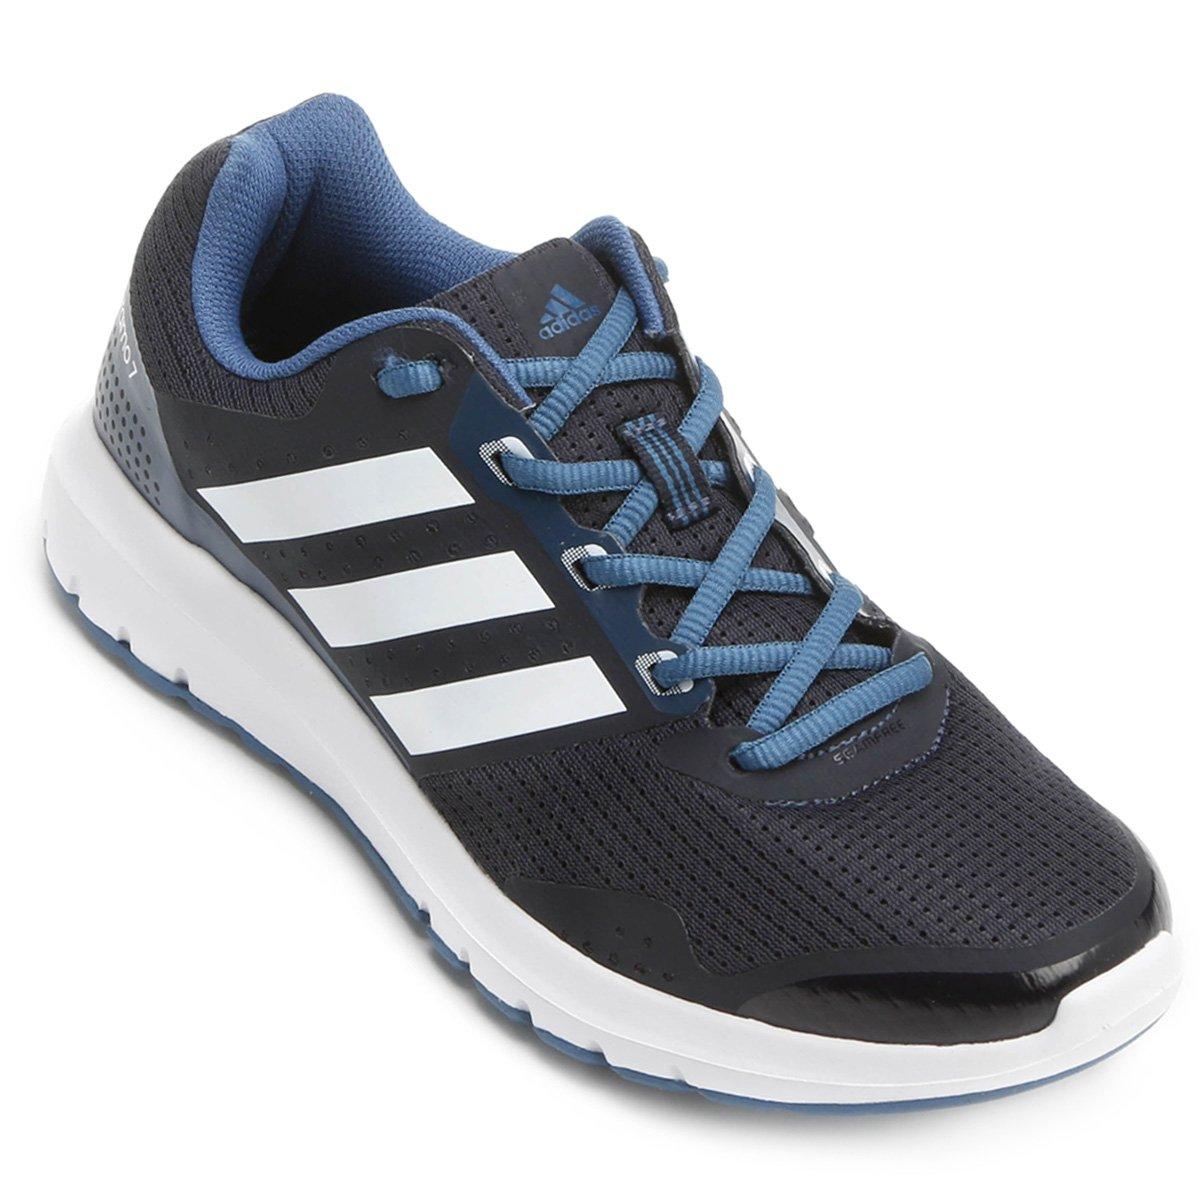 Tênis Adidas Duramo 7 Feminino - Preto e Azul - Compre Agora  99565f4e6d96a